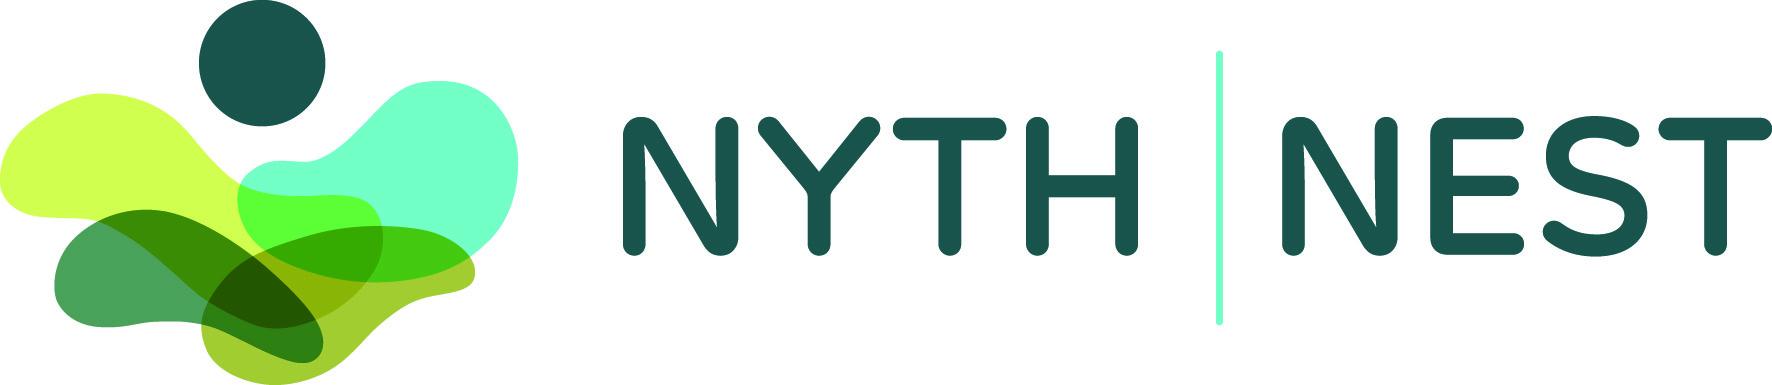 NYTH_NEST_logo_CMYK.jpg